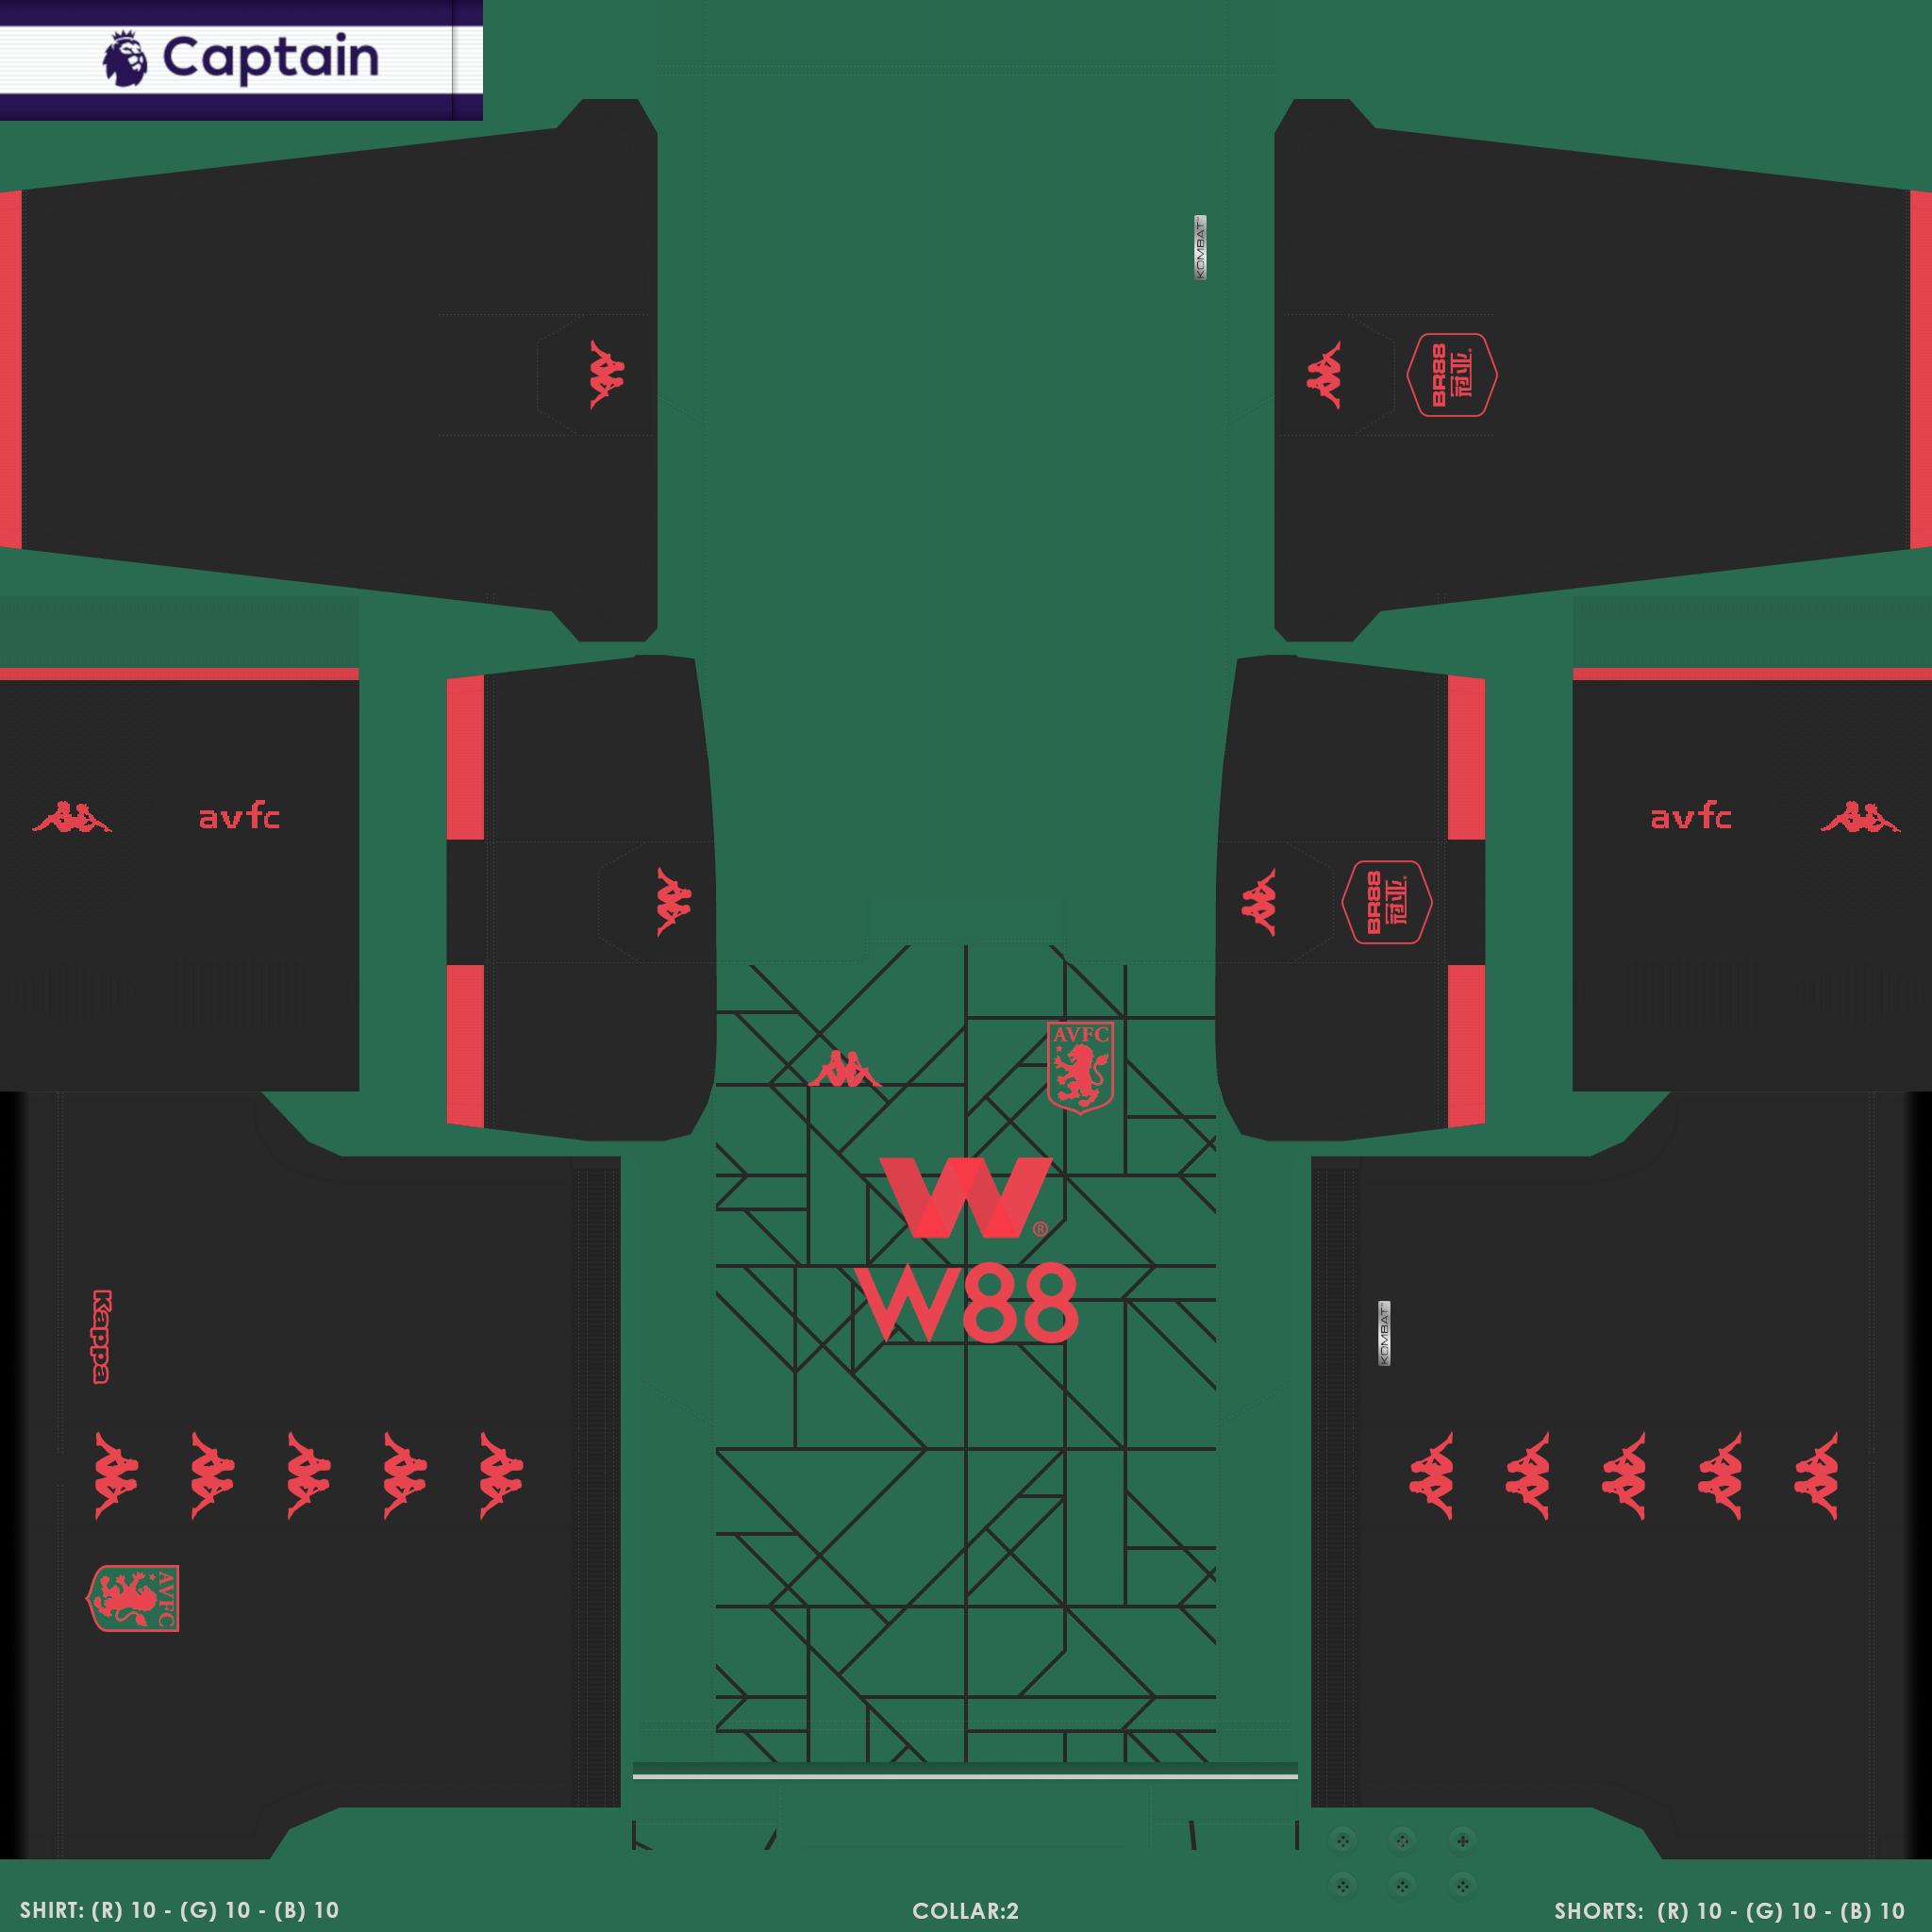 ENG 1 AVFC 3 PES Premier League Kits Pack 2019 2020